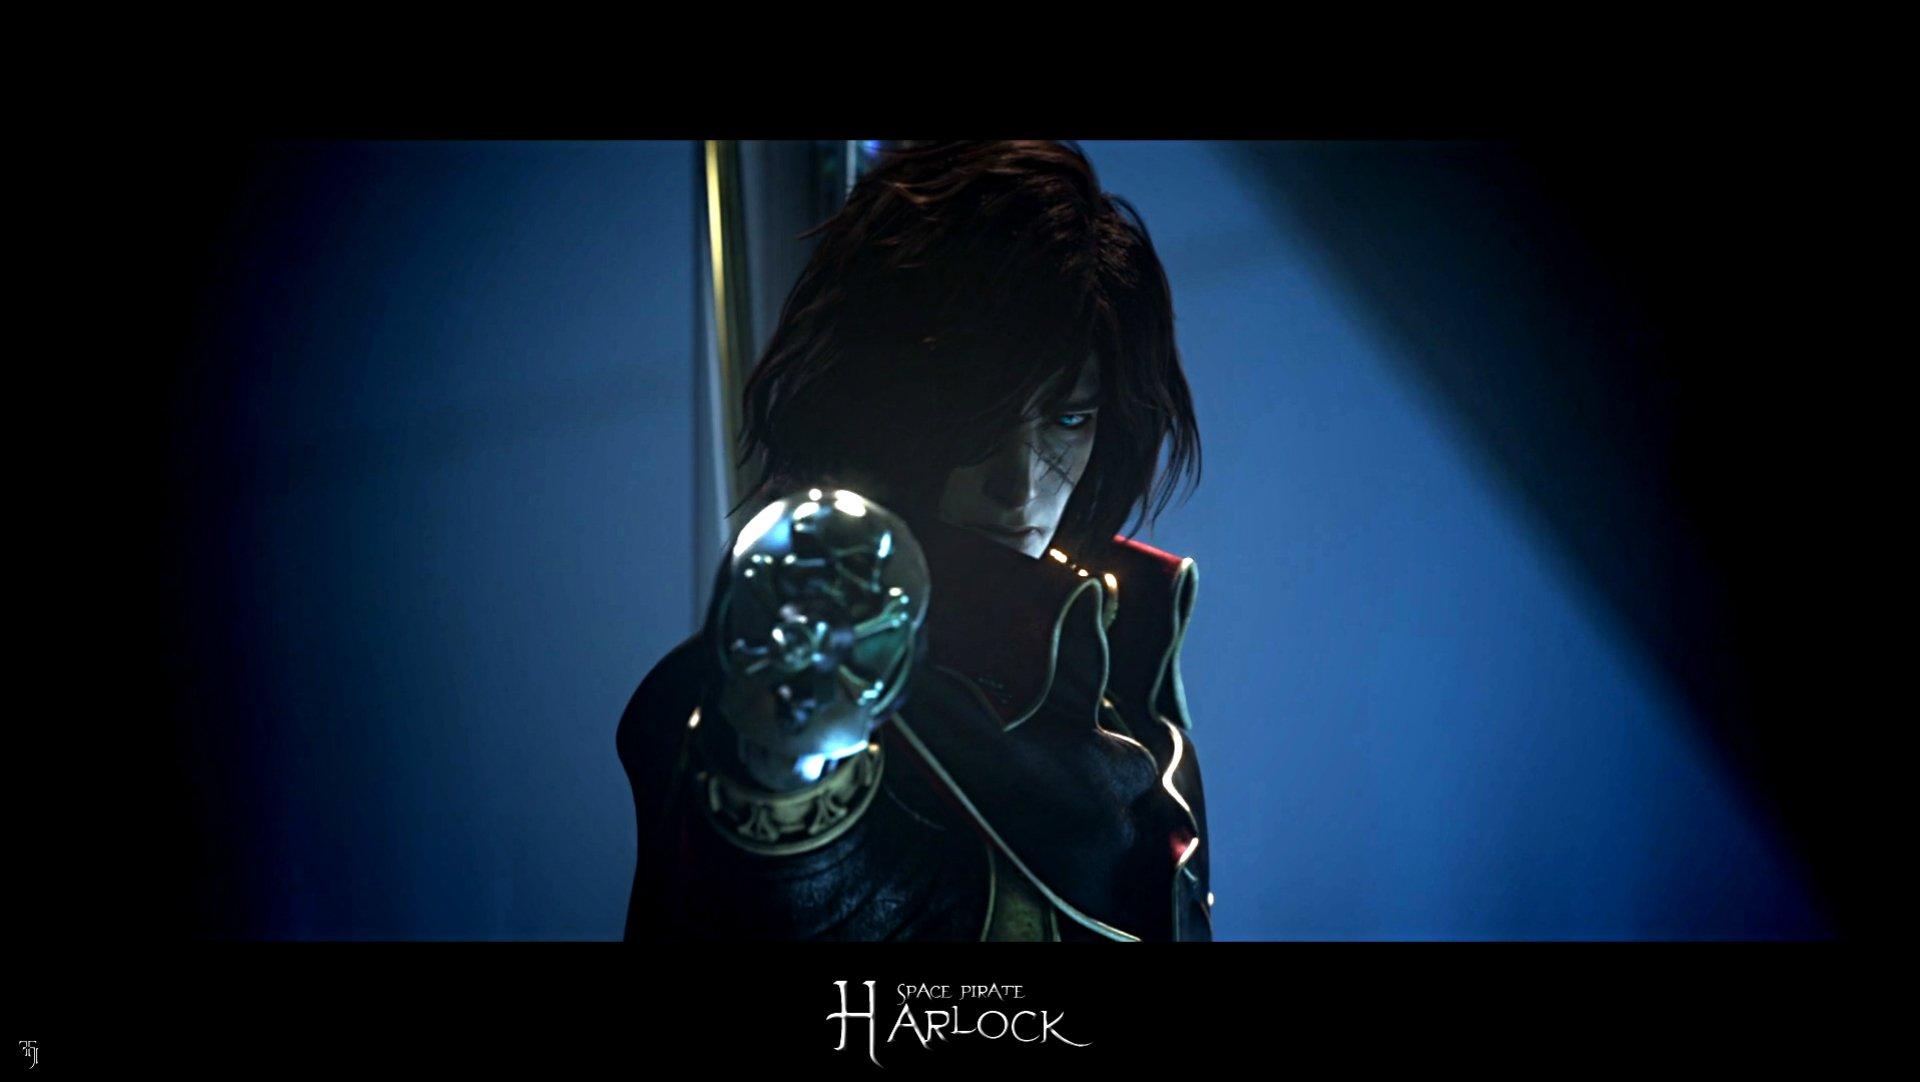 Captain Harlock Wallpaper